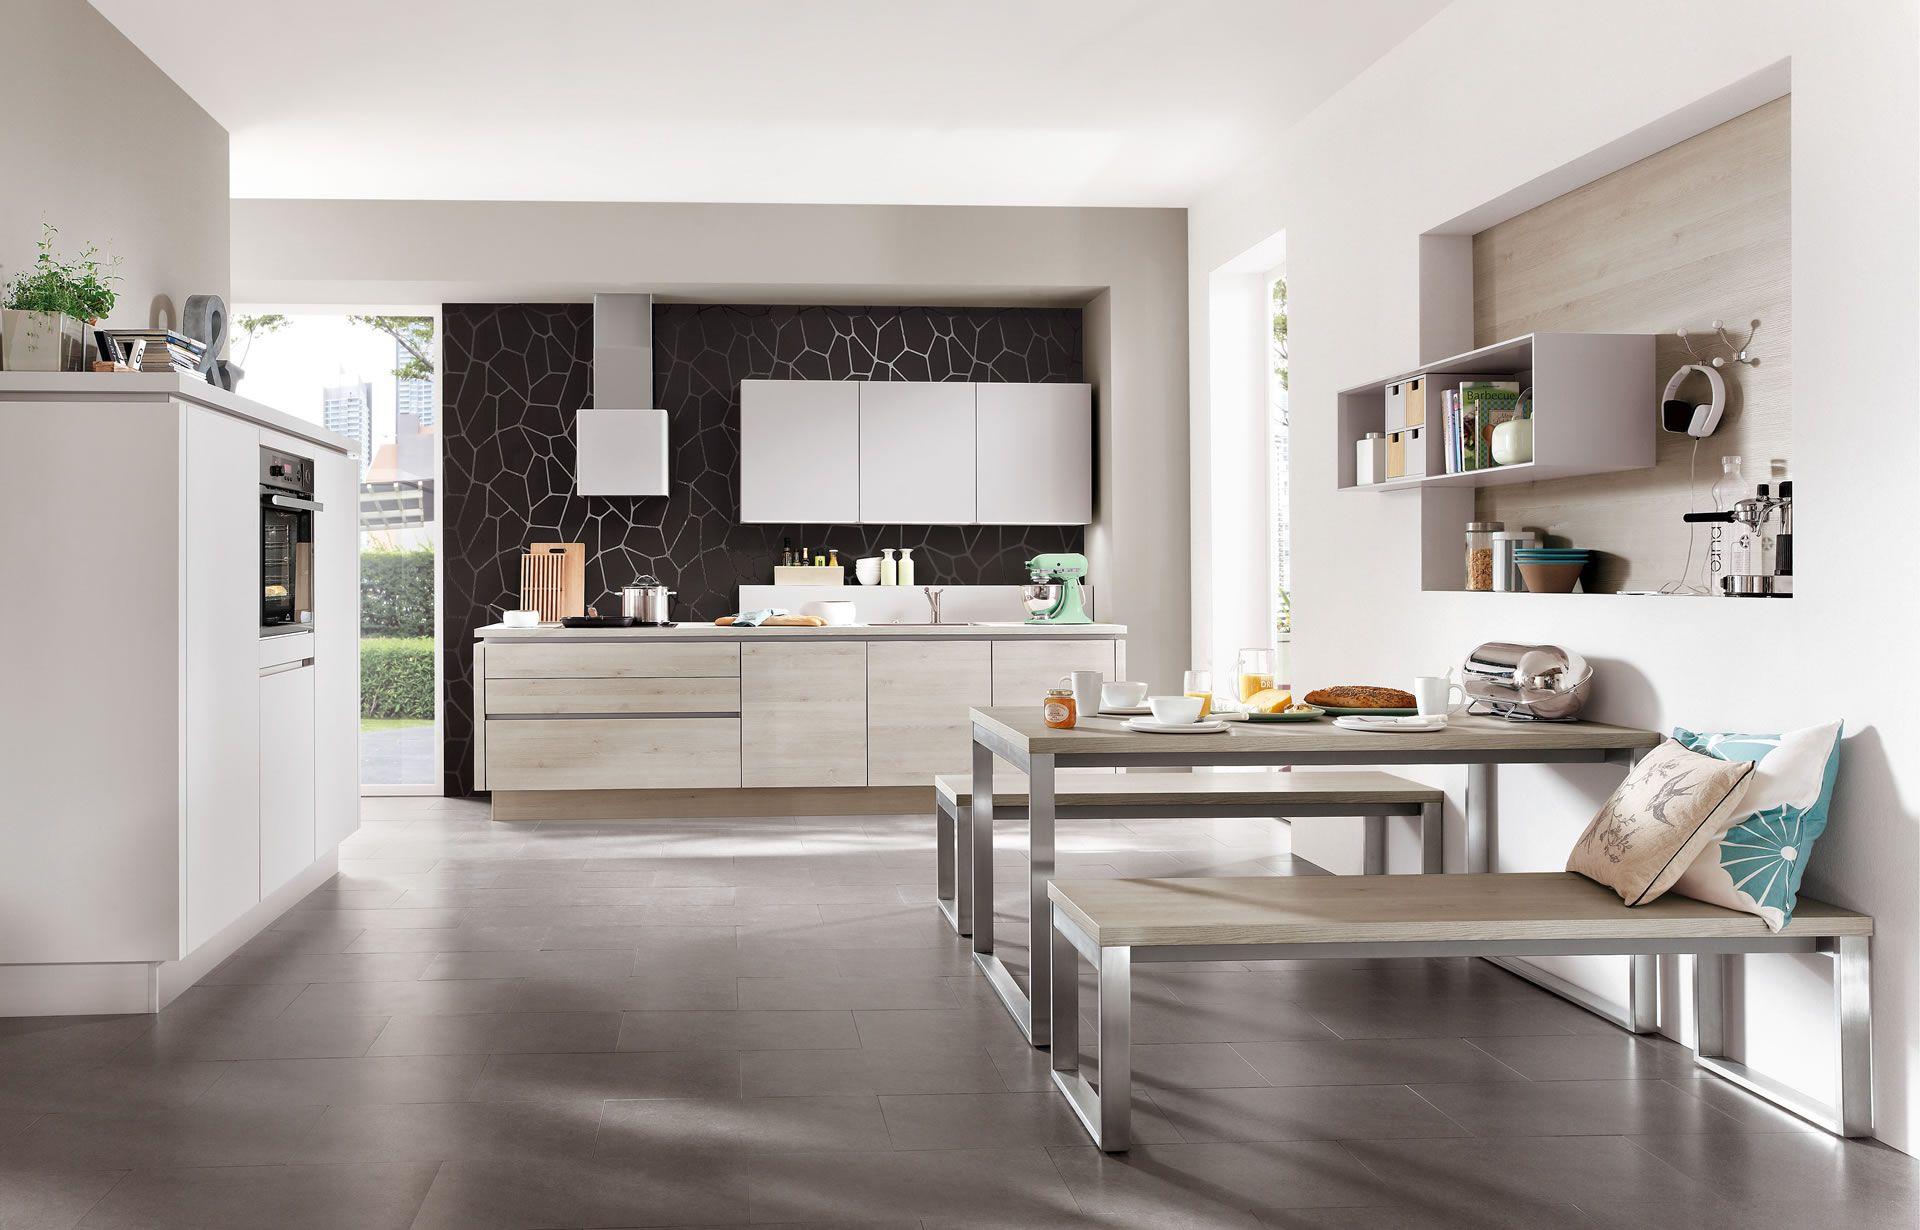 Nobilia Kuchen Kitchens Nobilia Produkte Holzer Interiors